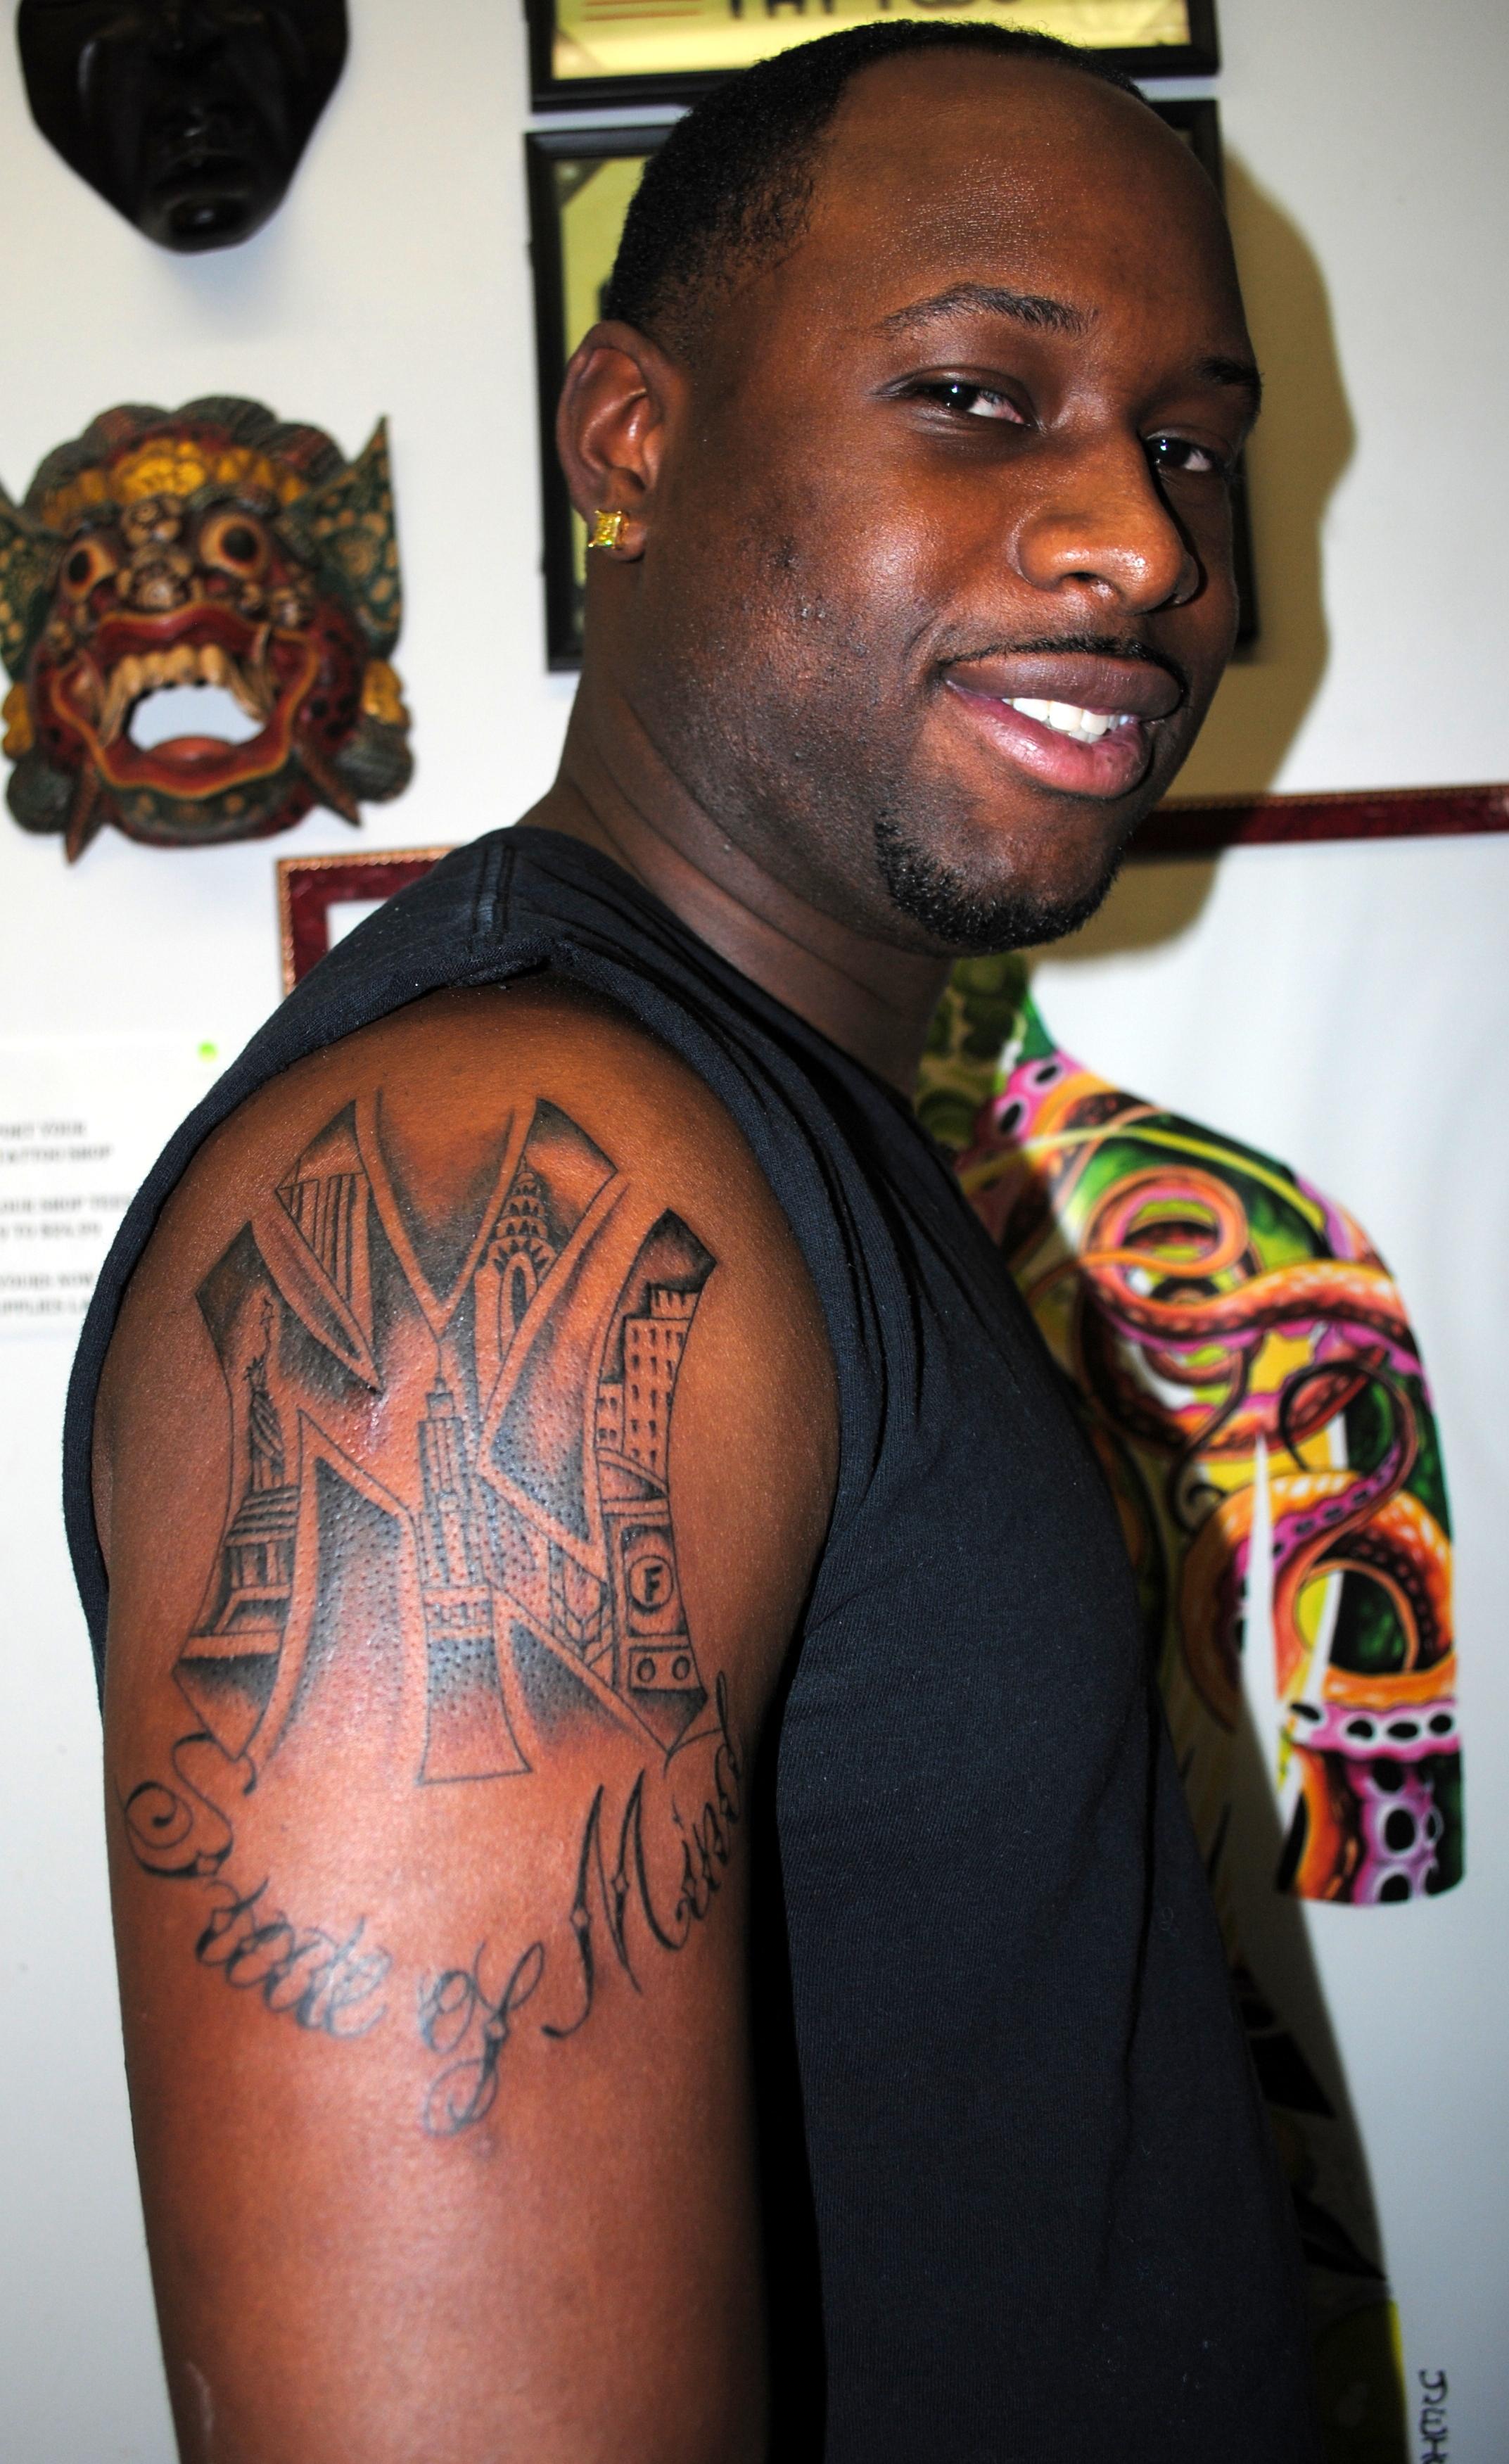 NY Yankees Tattoo Skyline Tattoo by The